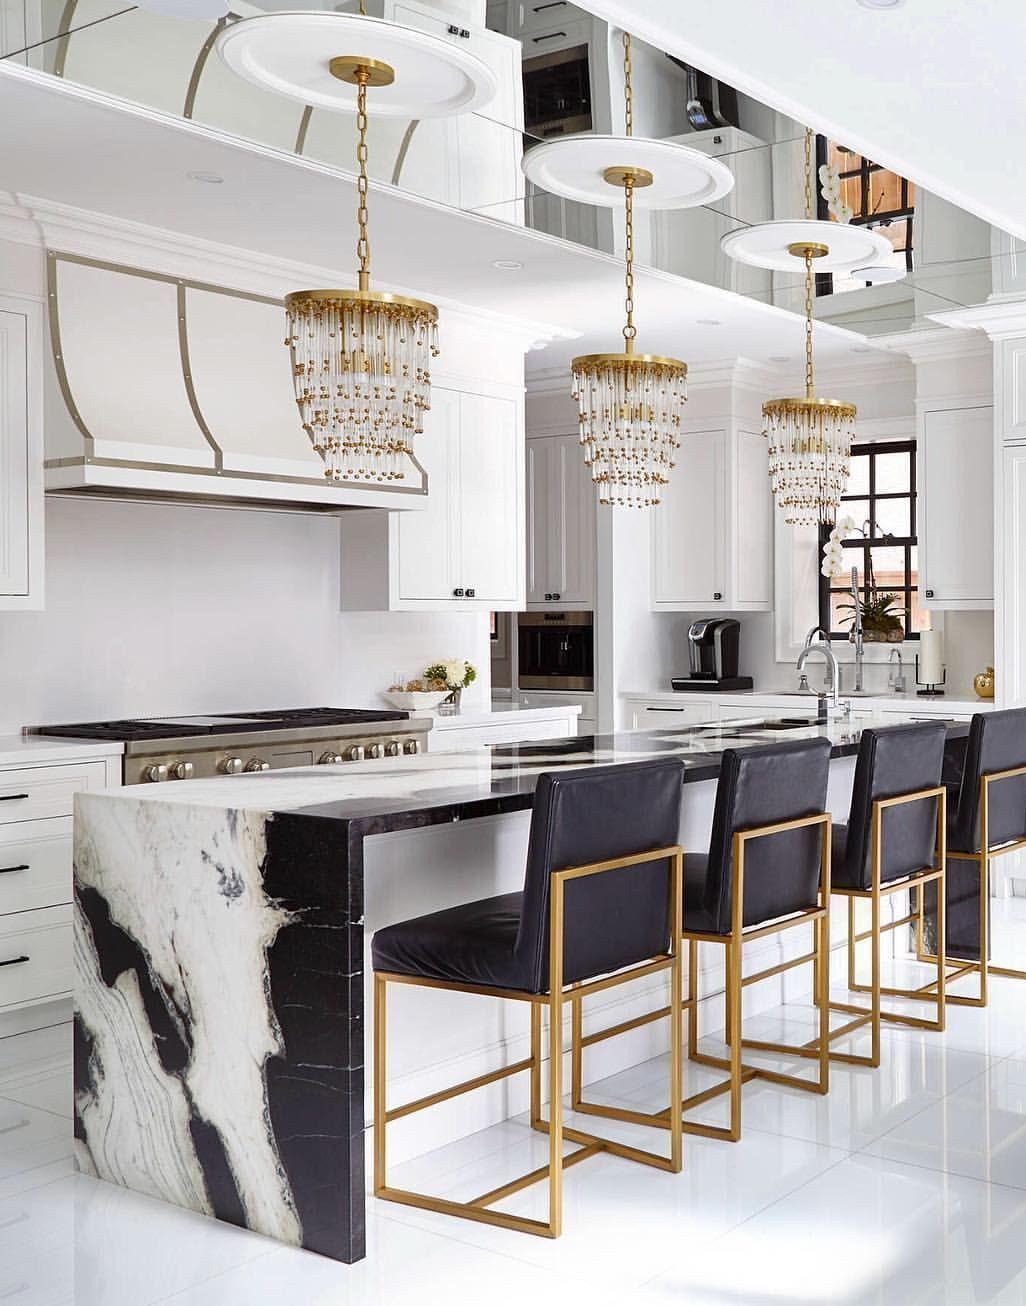 Www delightfull eu visit for kitchen lighting ideas